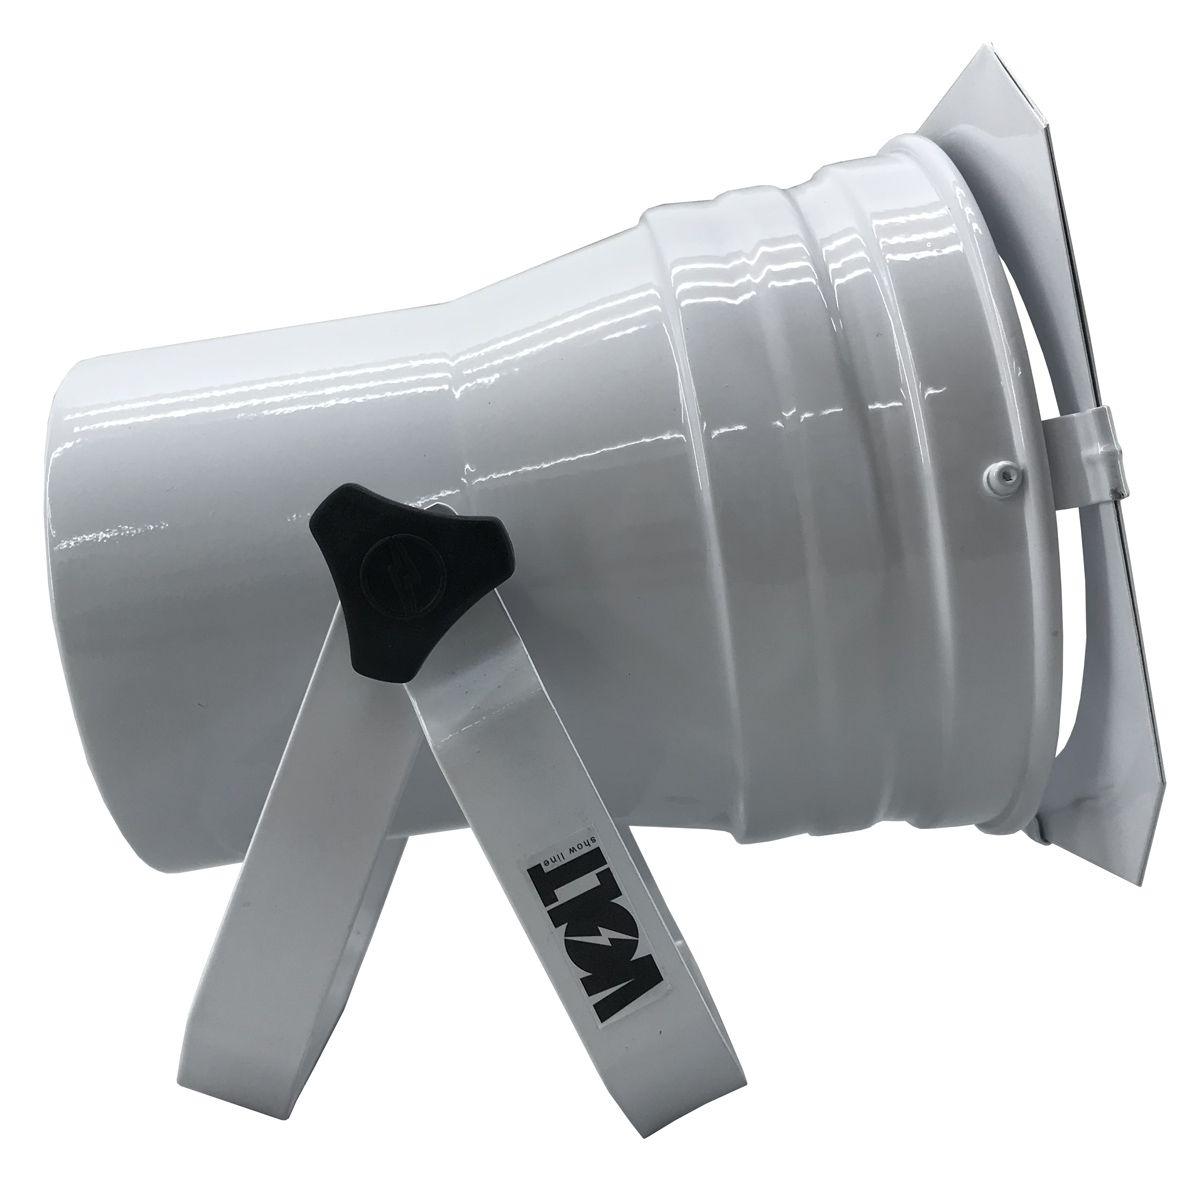 Kit 4 Unidades - Canhão Spot Par 38 Branco Alça Dupla - Volt  - RS Som e Luz!